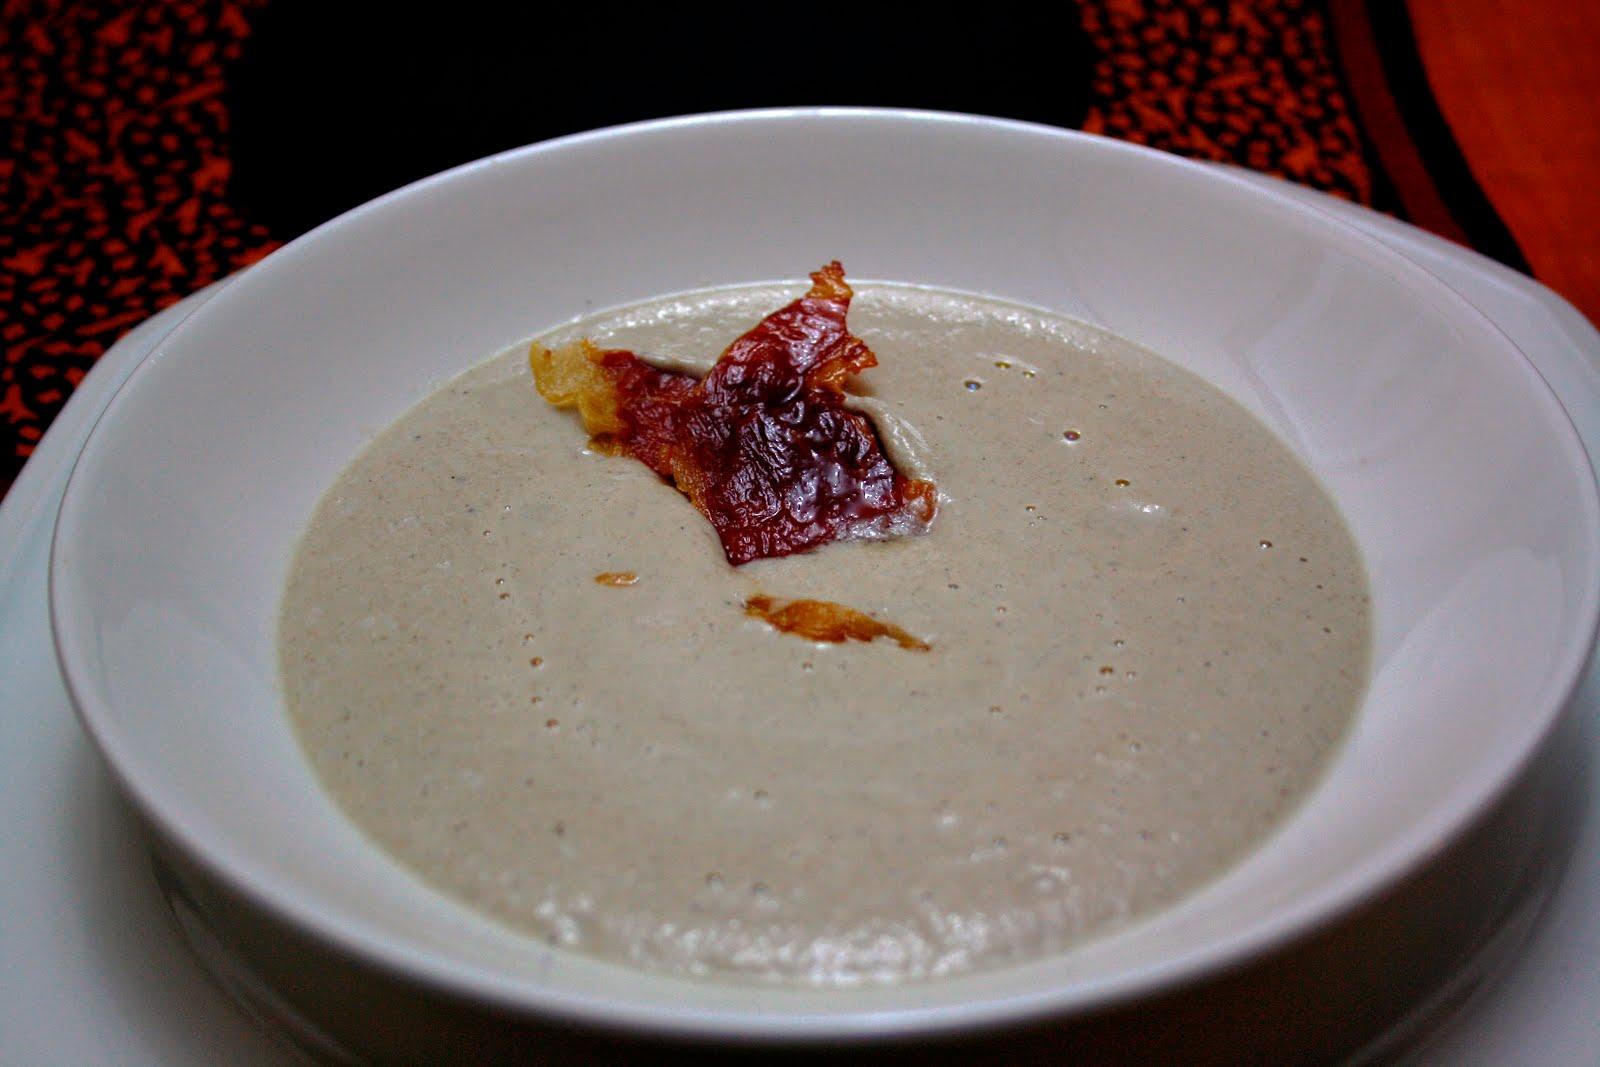 La cocina de maricarmen abril 2012 - Cocinas maricarmen ...